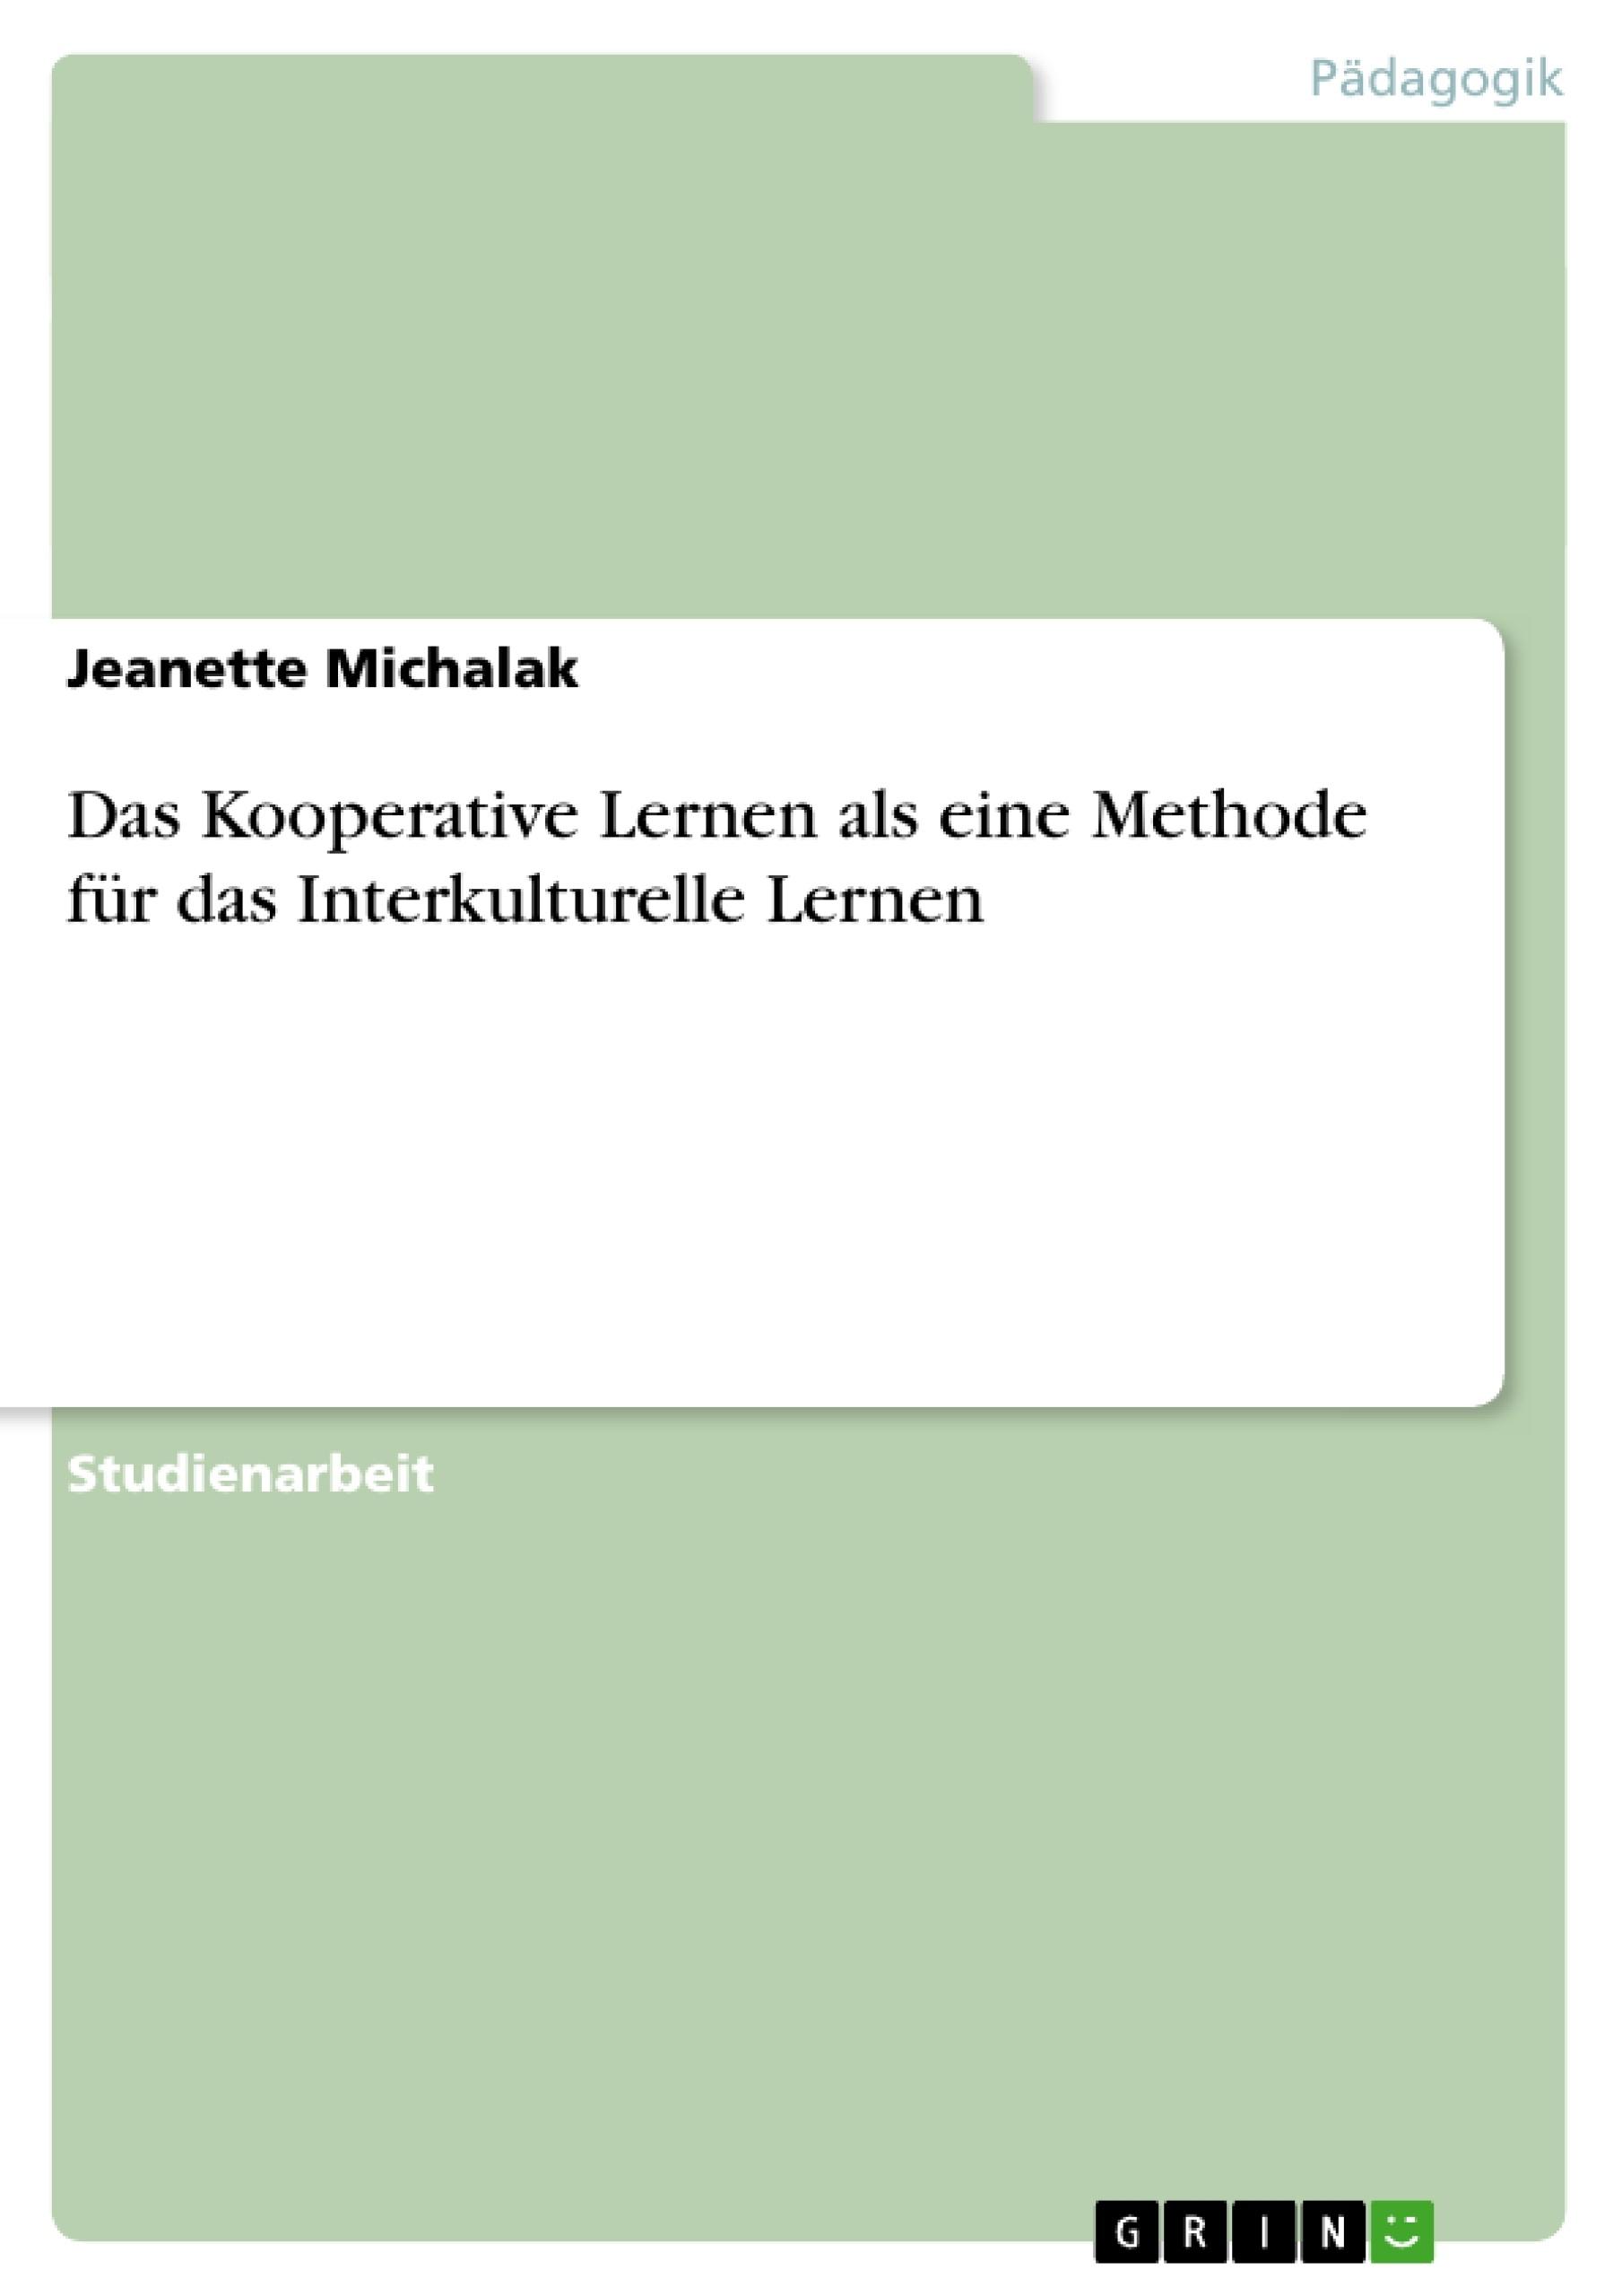 Titel: Das Kooperative Lernen als eine Methode für das Interkulturelle Lernen